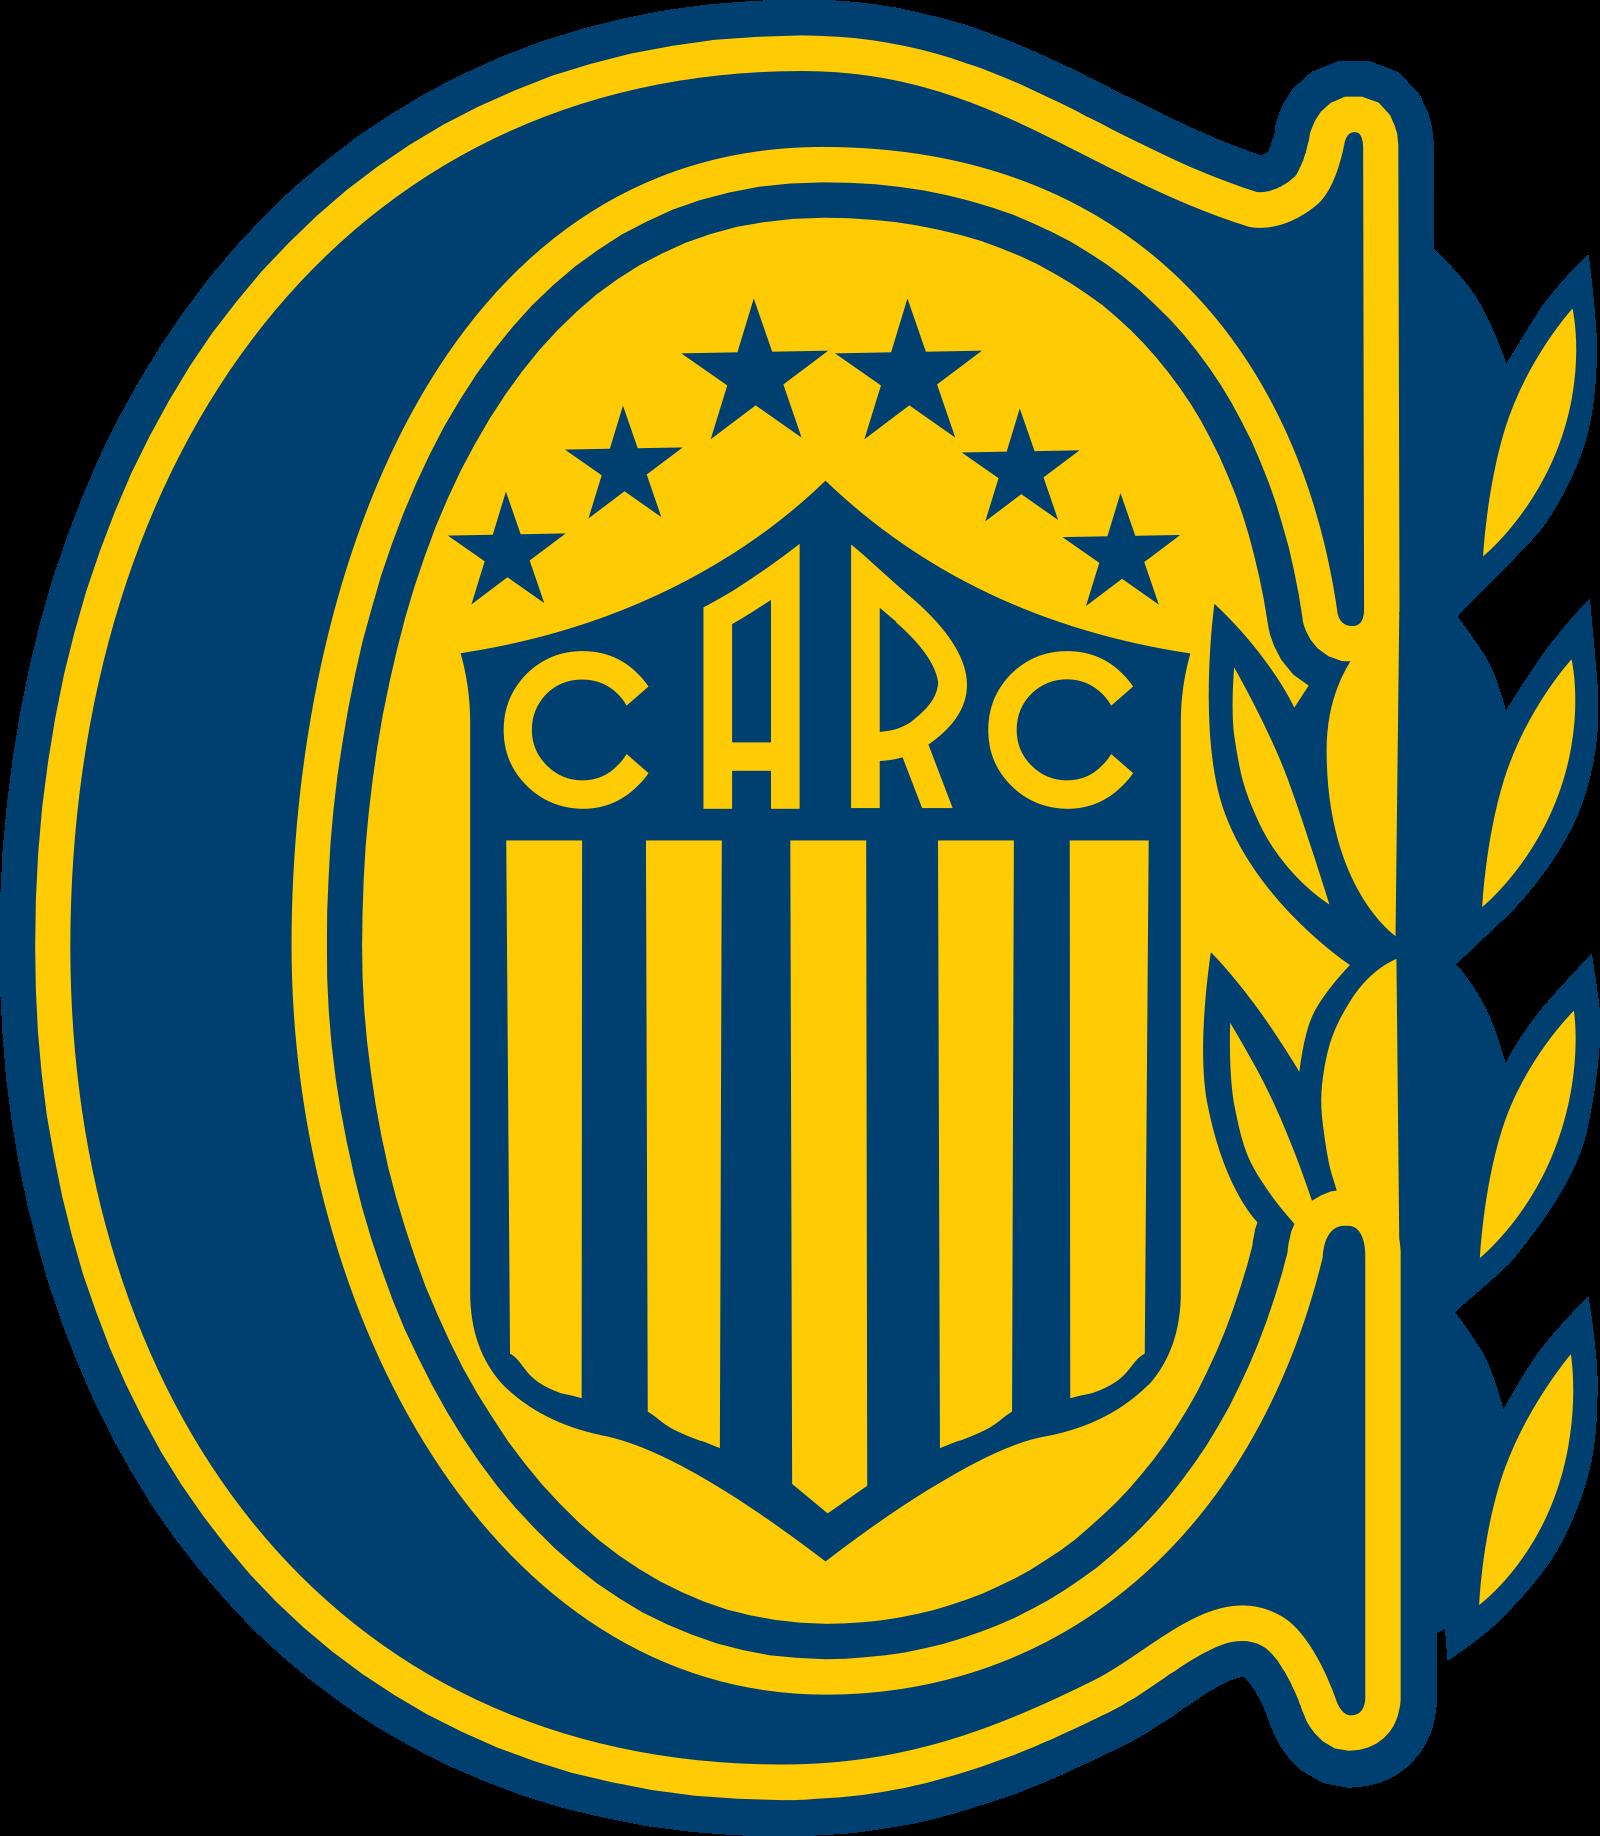 rosario central logo escudo 2 - Rosário Central Logo